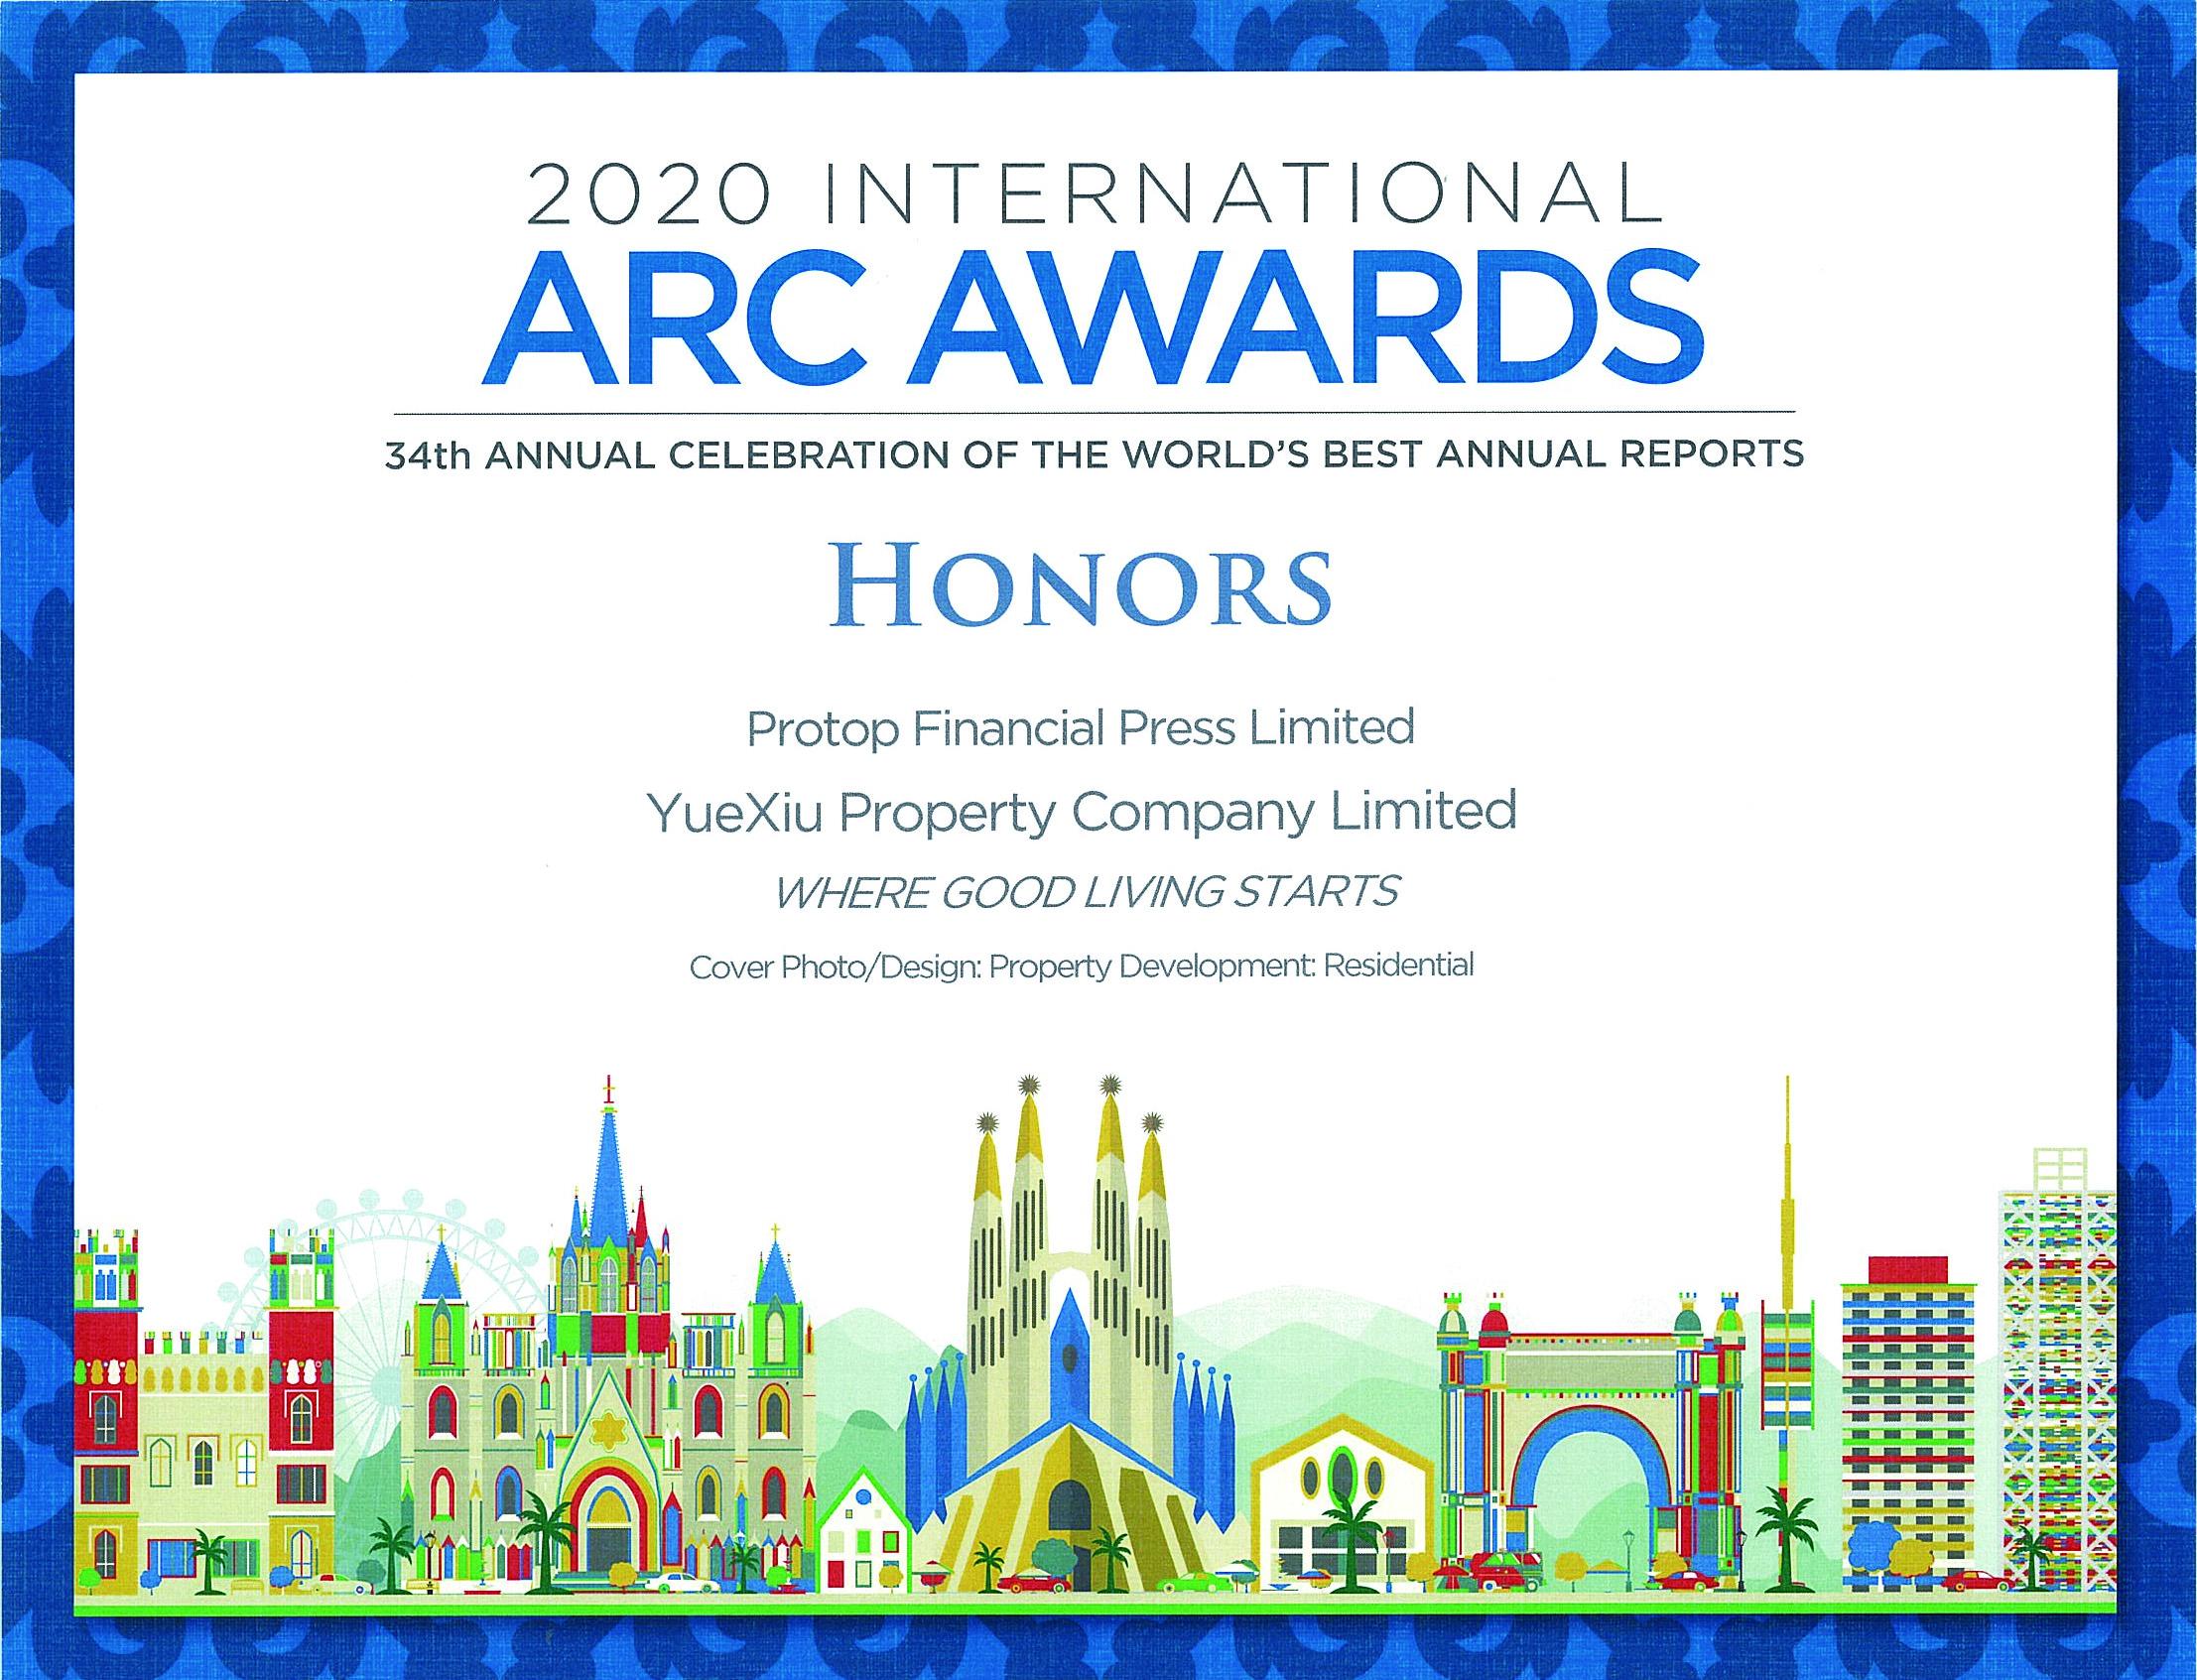 越秀地产股份有限公司 2020 Honors Award Residential